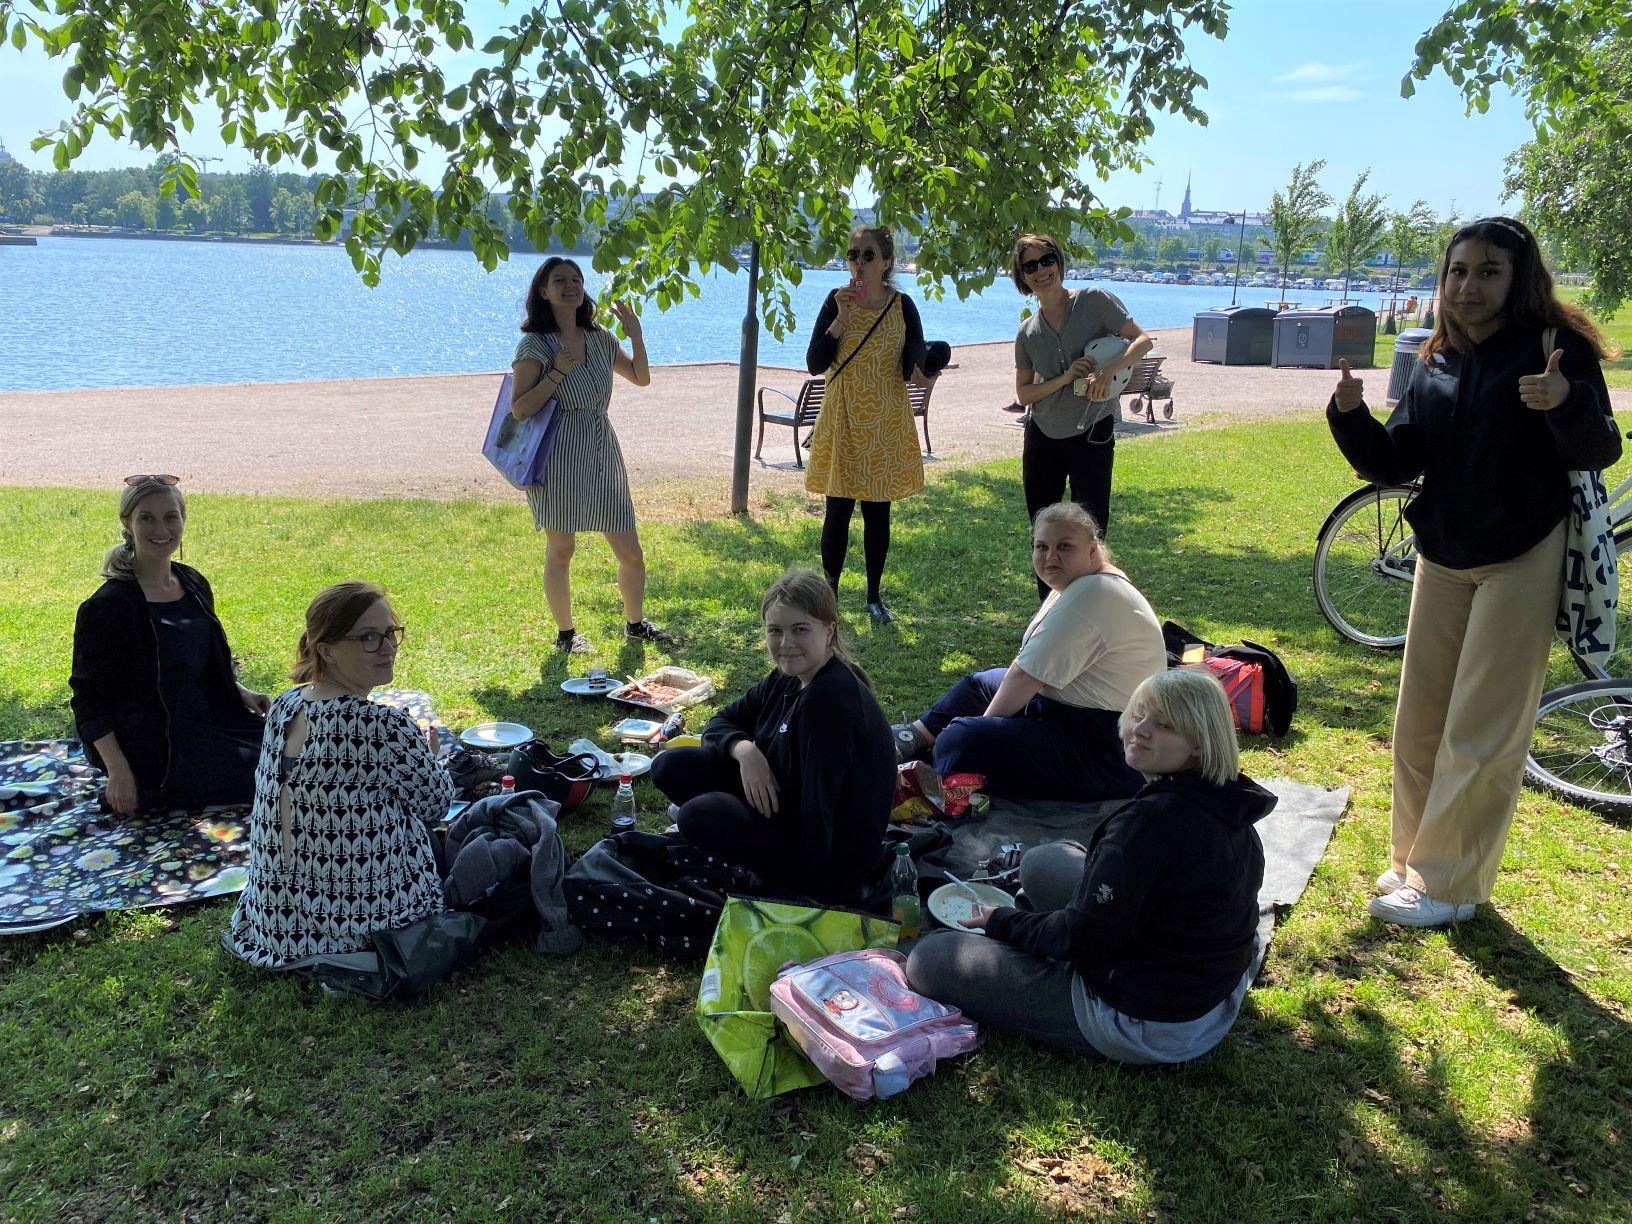 Ryhmä työntekijöitä ja nuoria piknikillä puistossa.